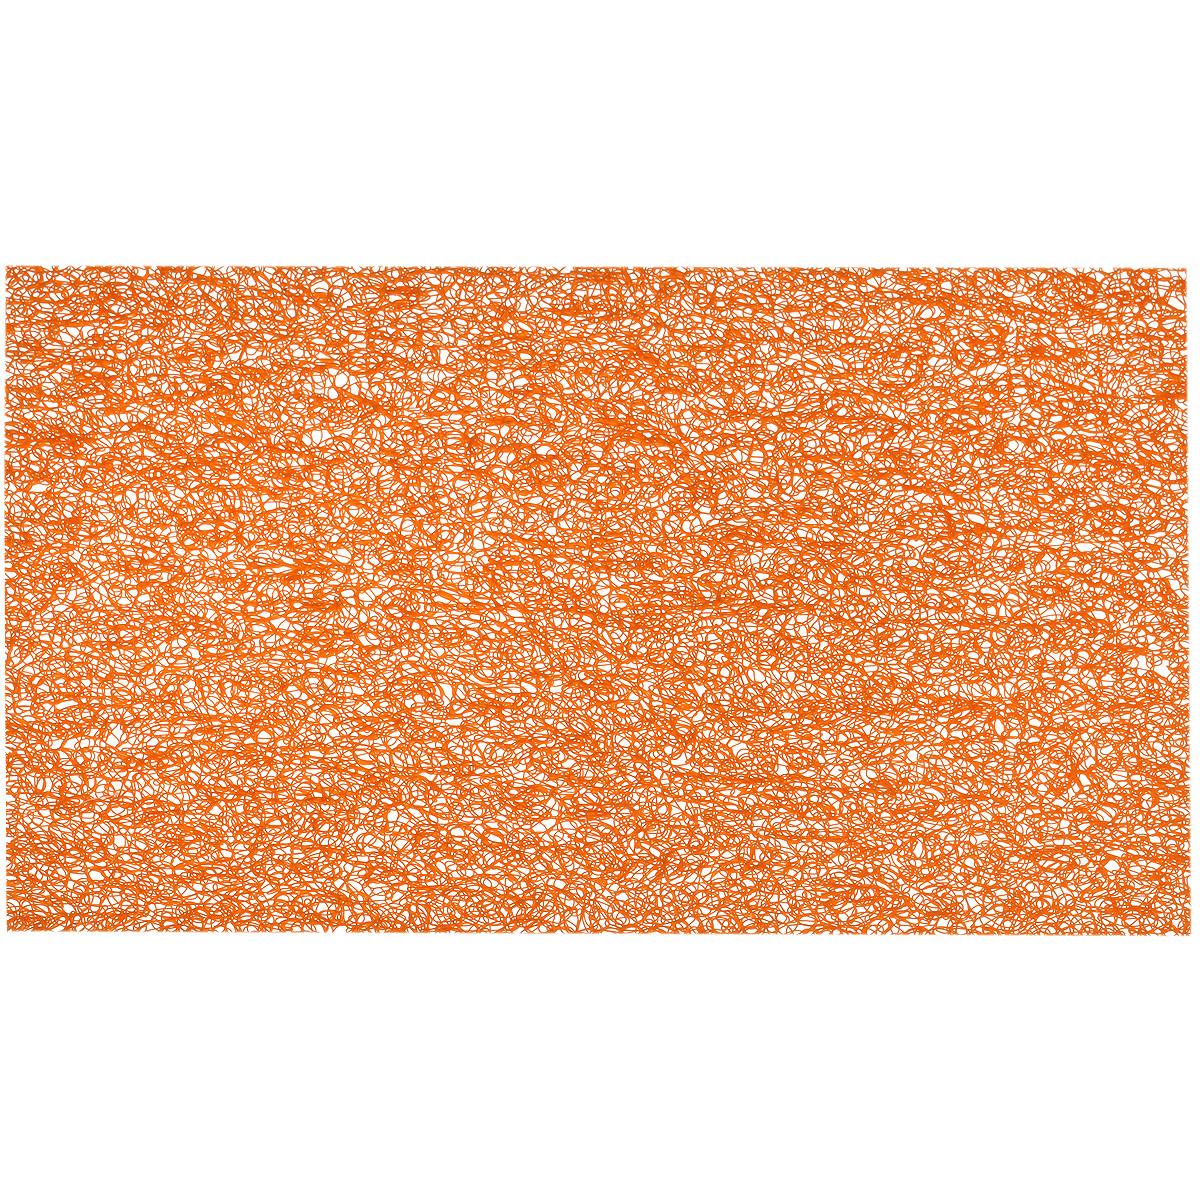 Подставка под горячее Hans & Gretchen, цвет: оранжевый, 45 х 30 см. 28HZ-9024 подставка под горячее togas андре цвет синий серый 45 х 33 см